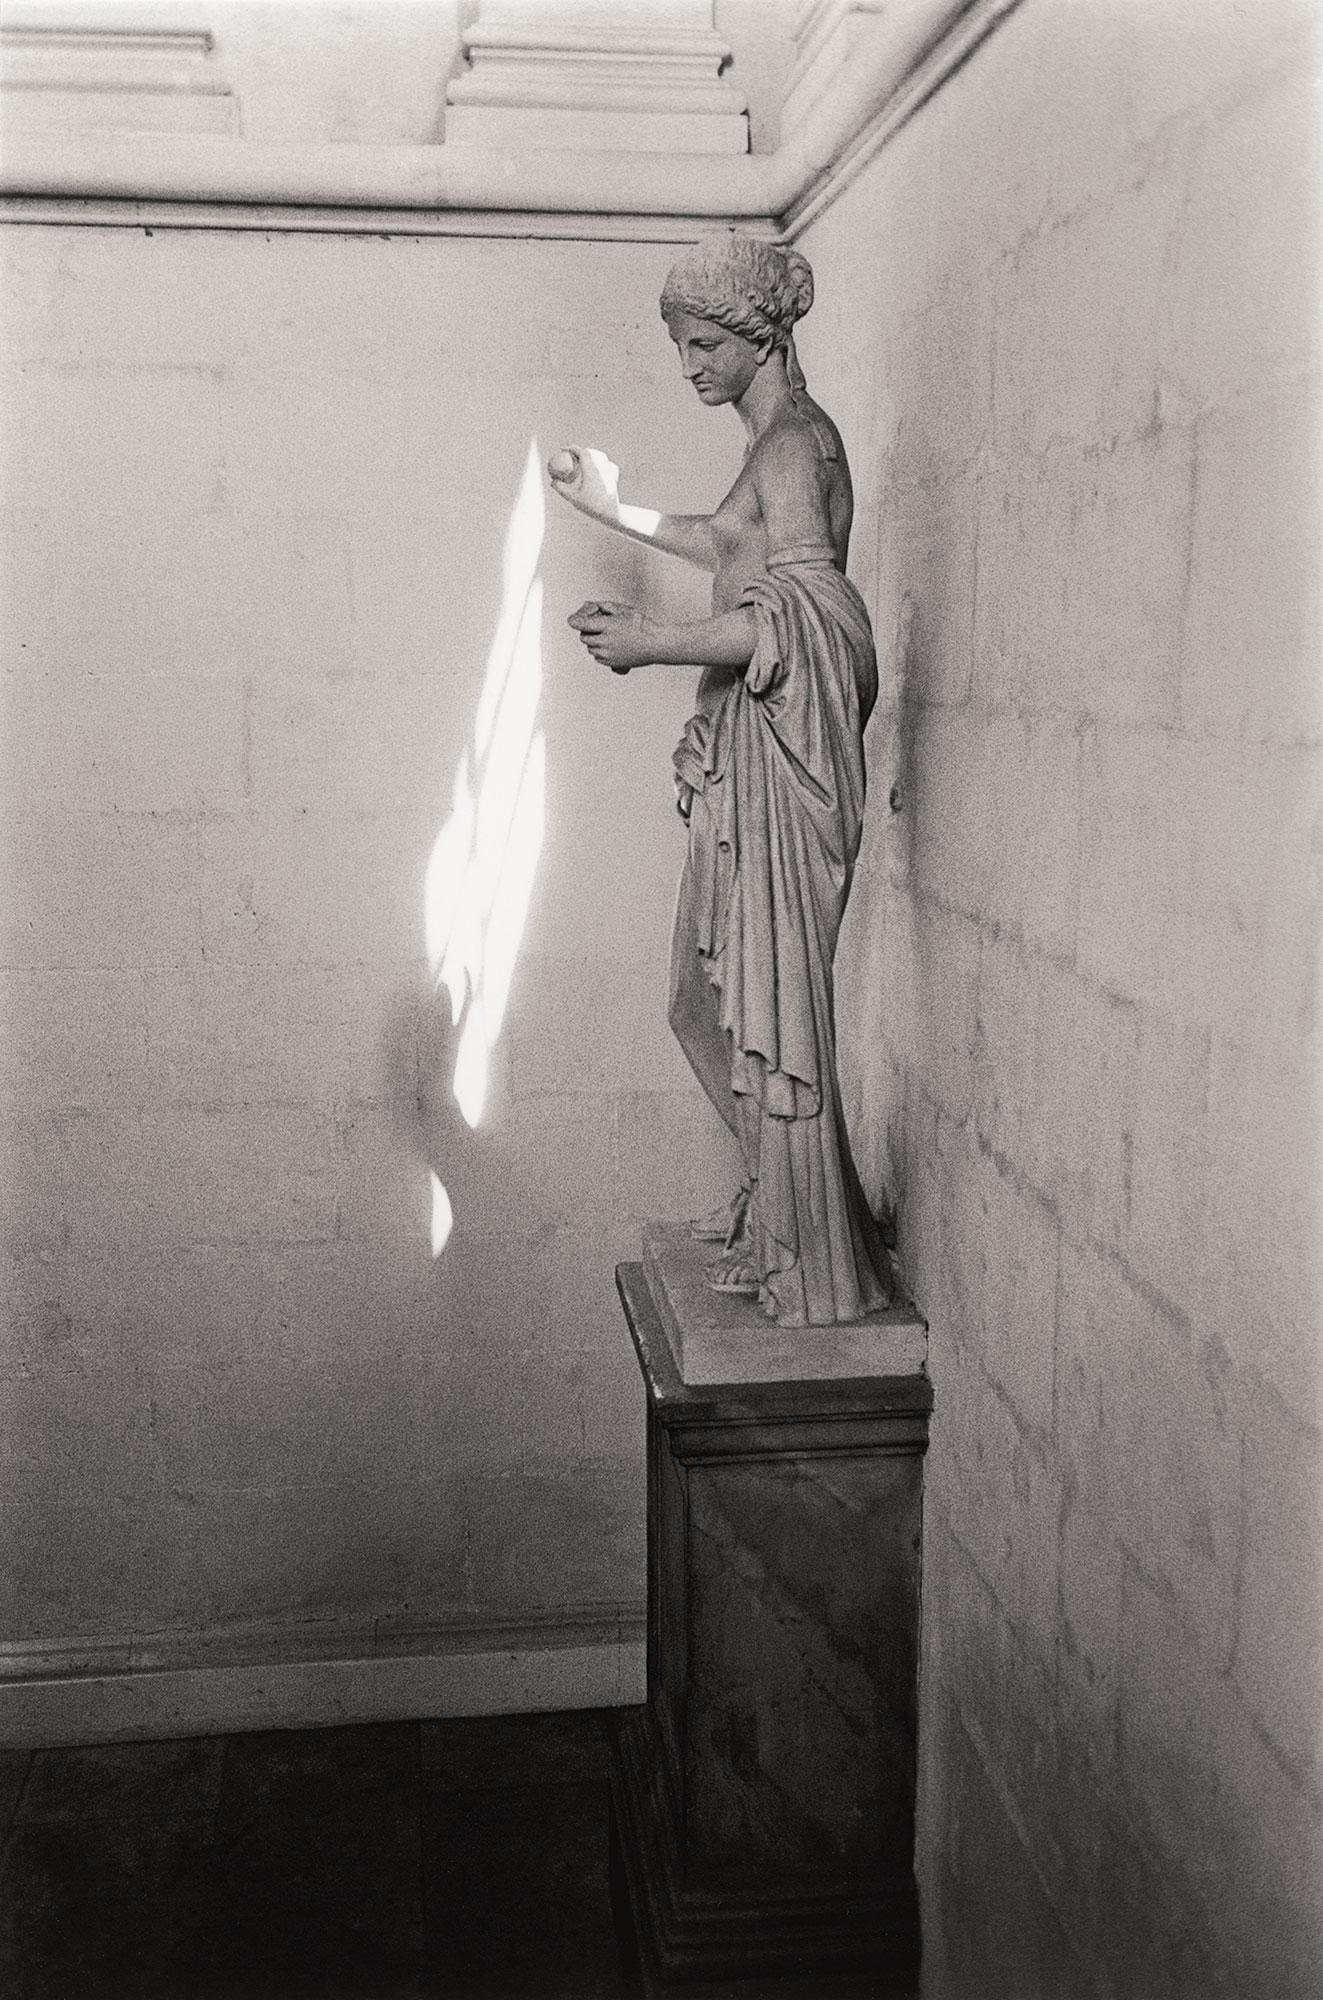 MUSÉE RÉATTU – Le grand cabinet photographique